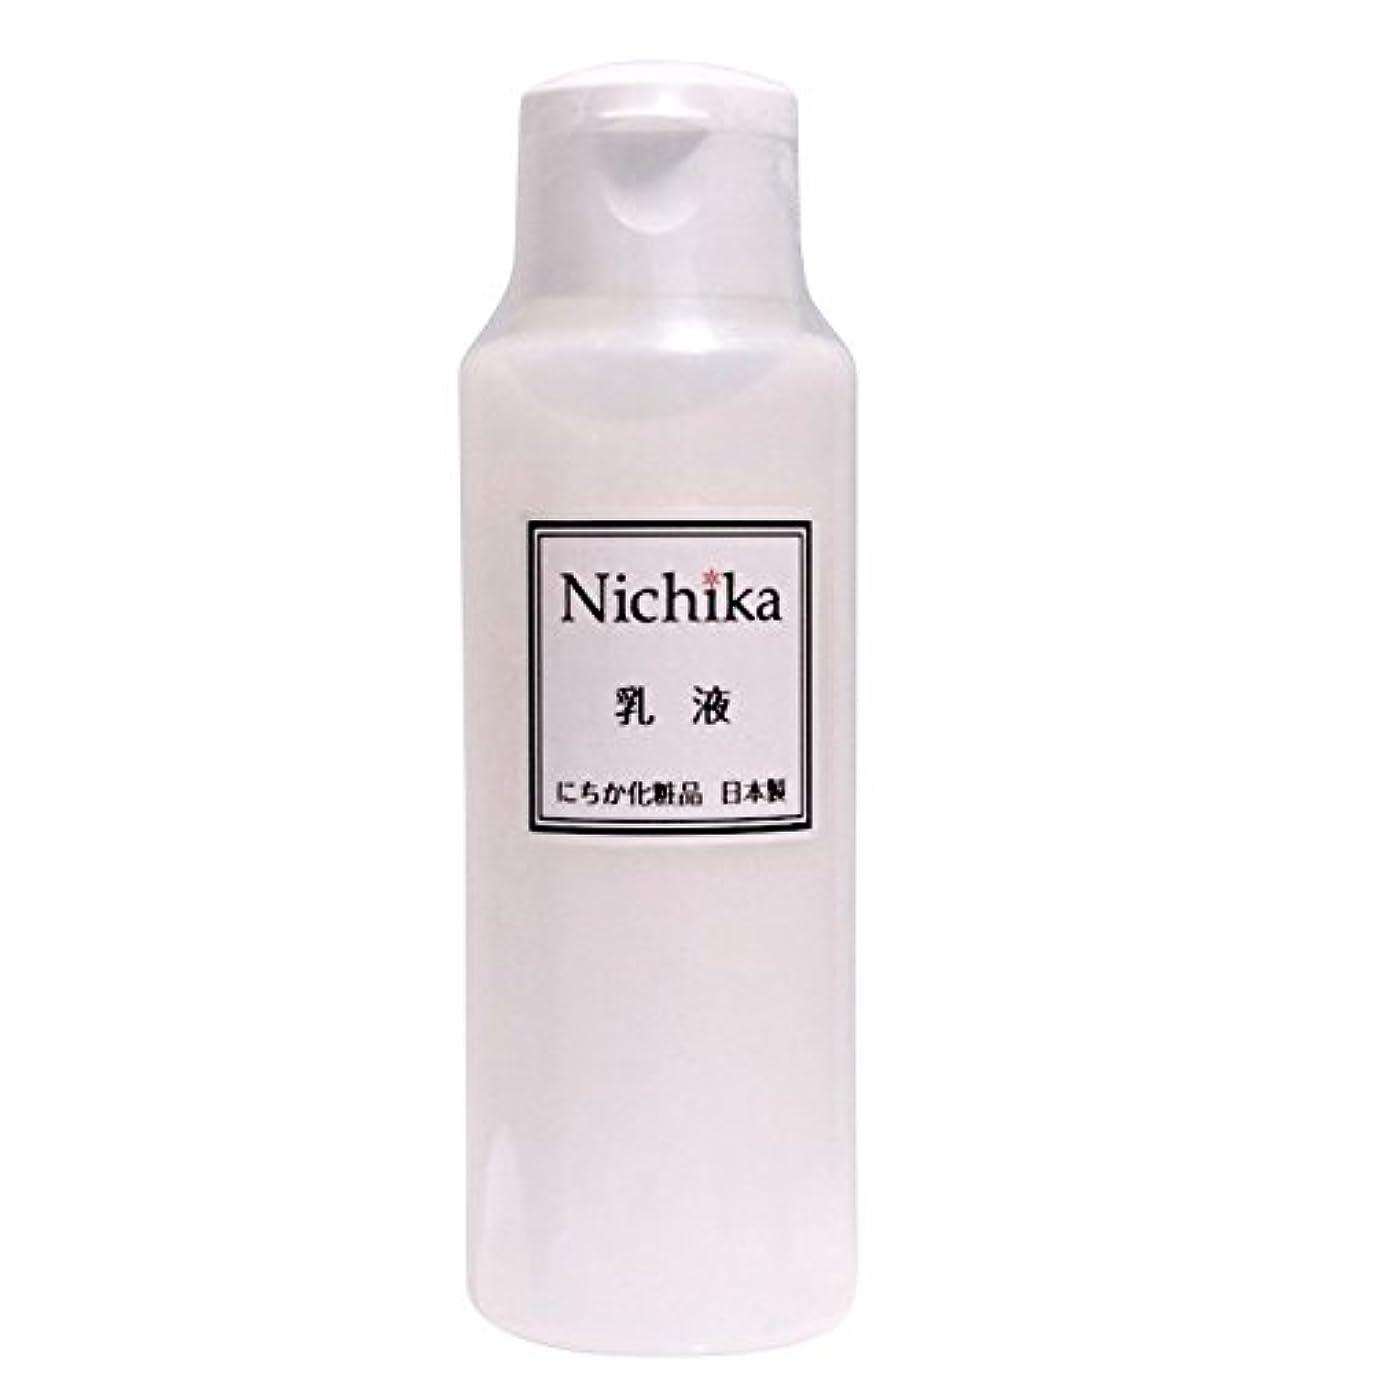 安定した逸話意味にちか乳液 内容量100ml 日本製 『ワンランク上の潤いハリ肌』を『リーズナブル』に。  ヒアルロン酸の1.3倍の保水力があるプロテオグリカン配合。 素早く水分と油分の膜を作り、うるおい成分を肌に届け 水分と油分のバランスが良い「健康肌」をつくります。にちか化粧品は肌バリアに注目した化粧品です。肌バリアは深い位置の肌を紫外線や刺激から守り肌の奥から潤い肌を育てます。 さっぱりとした使用感で、肌馴染みが良い使用感は今よりワンランク上の肌を目指す方におススメです。